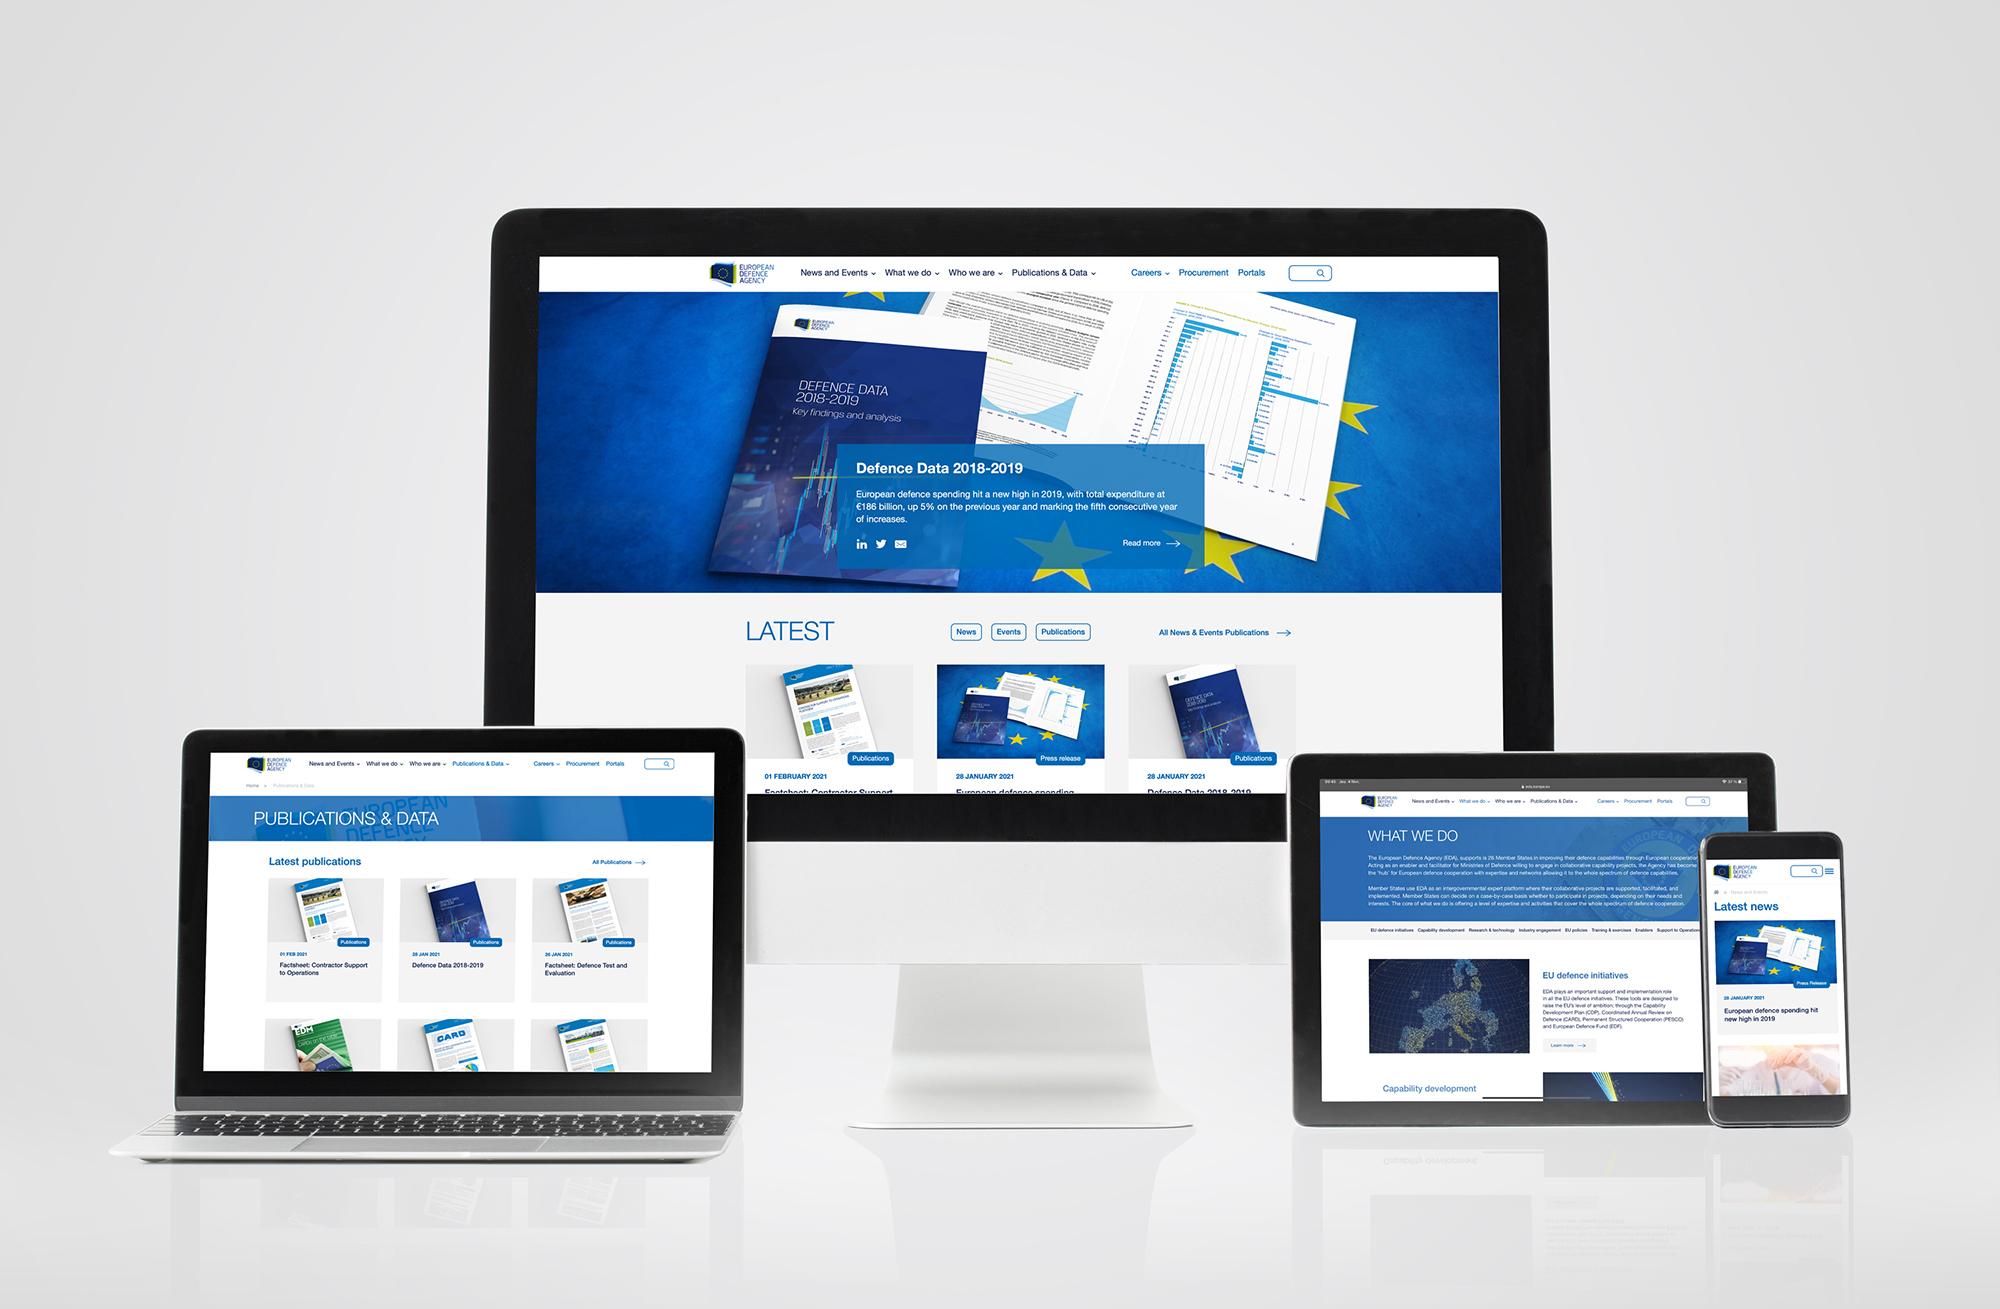 New look, fresh content: EDA's new website is online